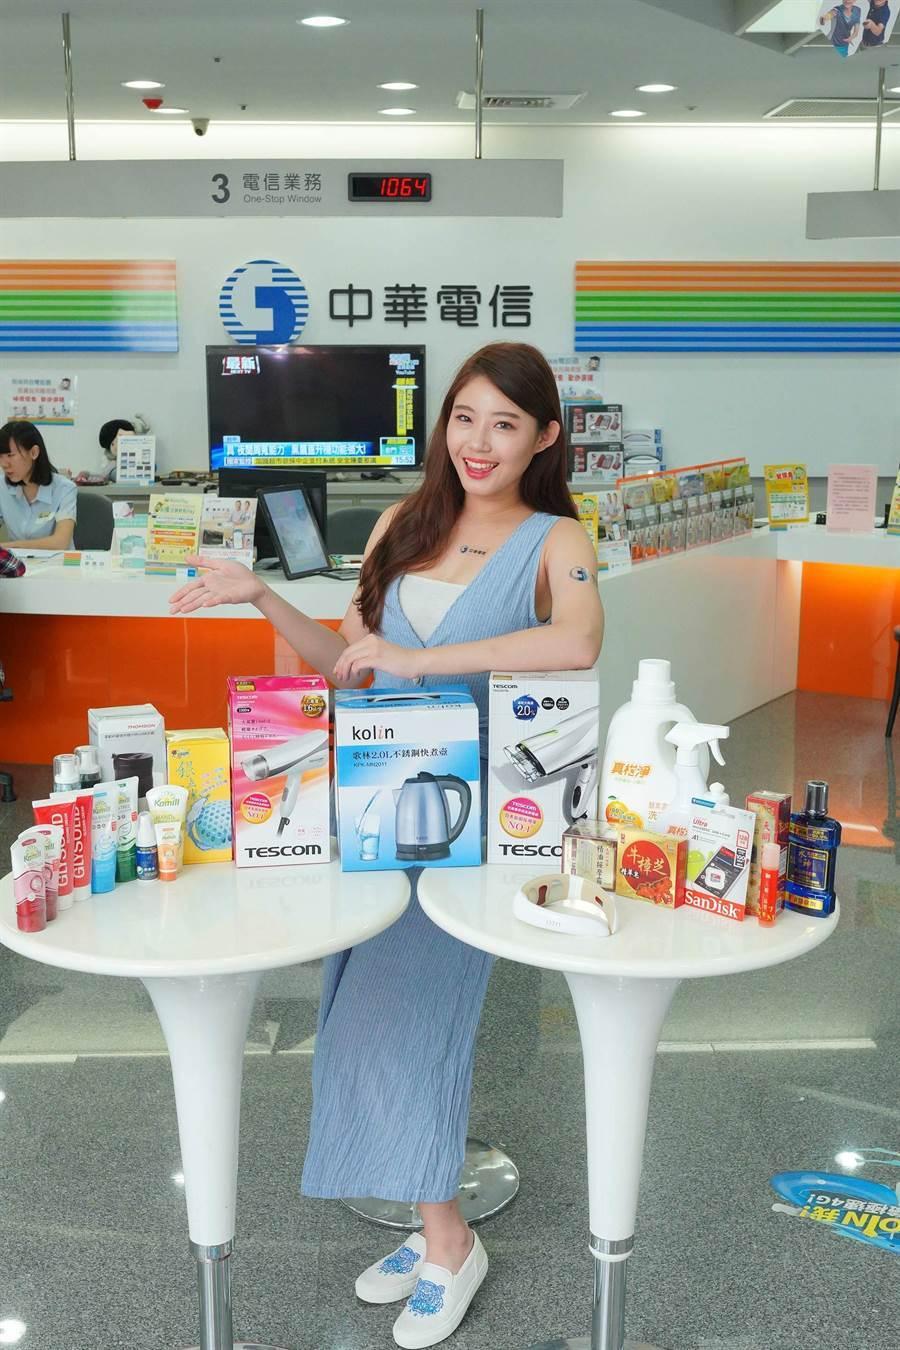 中華電今日起增加服務據點使用hami pay綁定悠遊卡或一卡通儲值及消費。